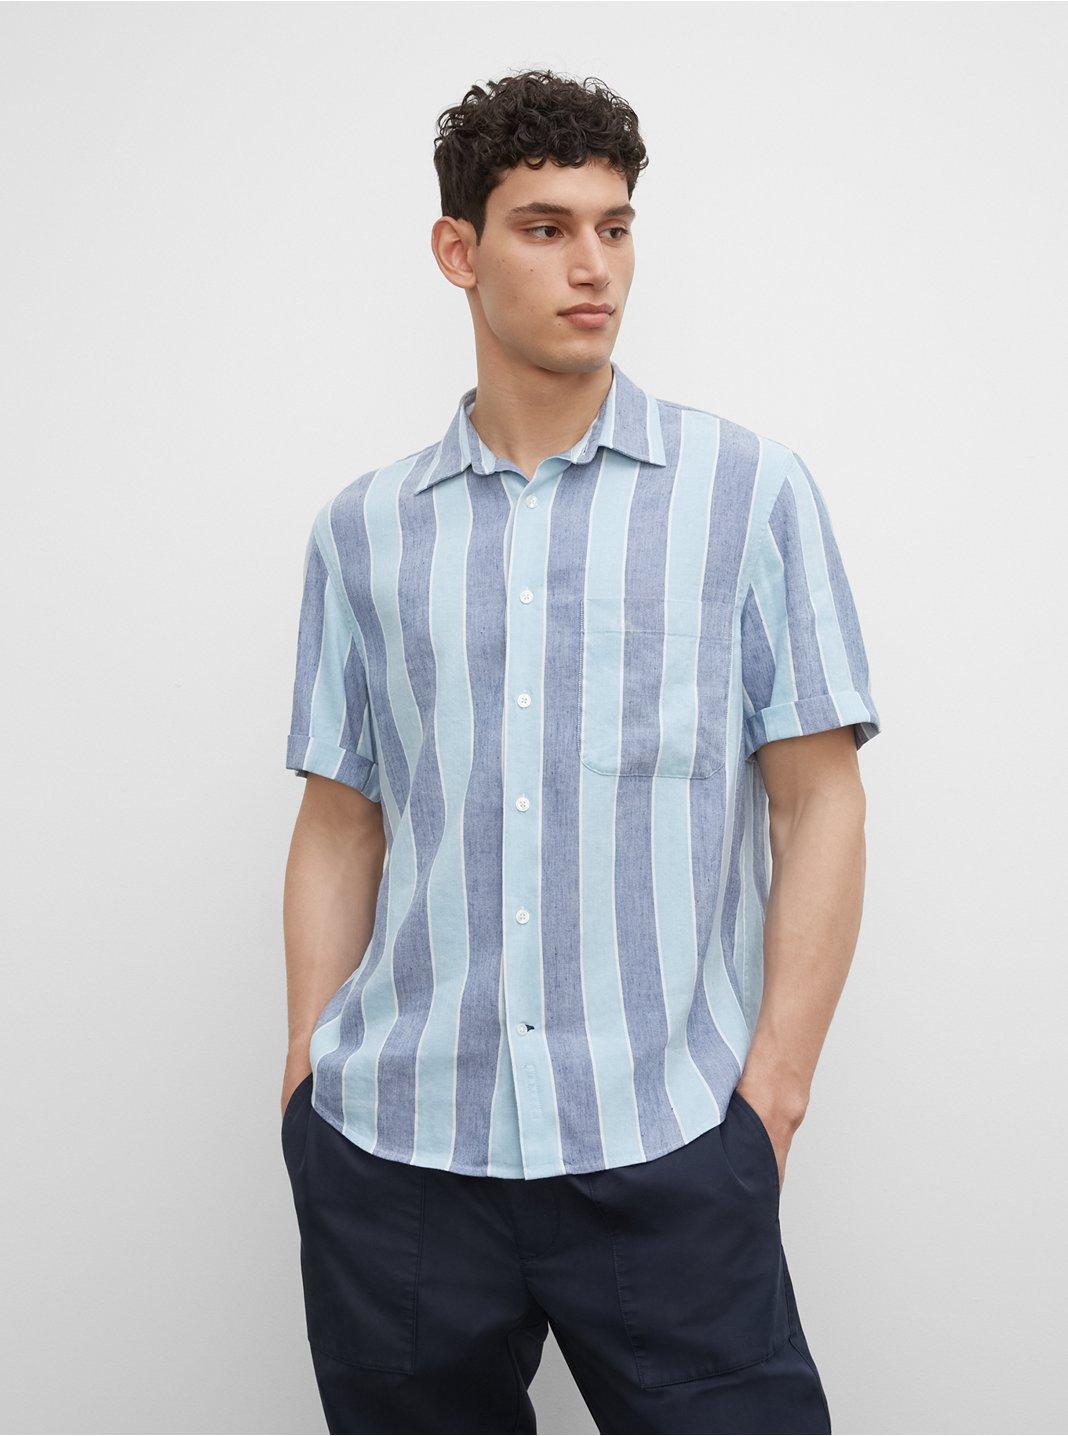 클럽 모나코 셔츠 Club Monaco Striped Short Sleeve Linen Blend Shirt,Deep Ultramarine Multi